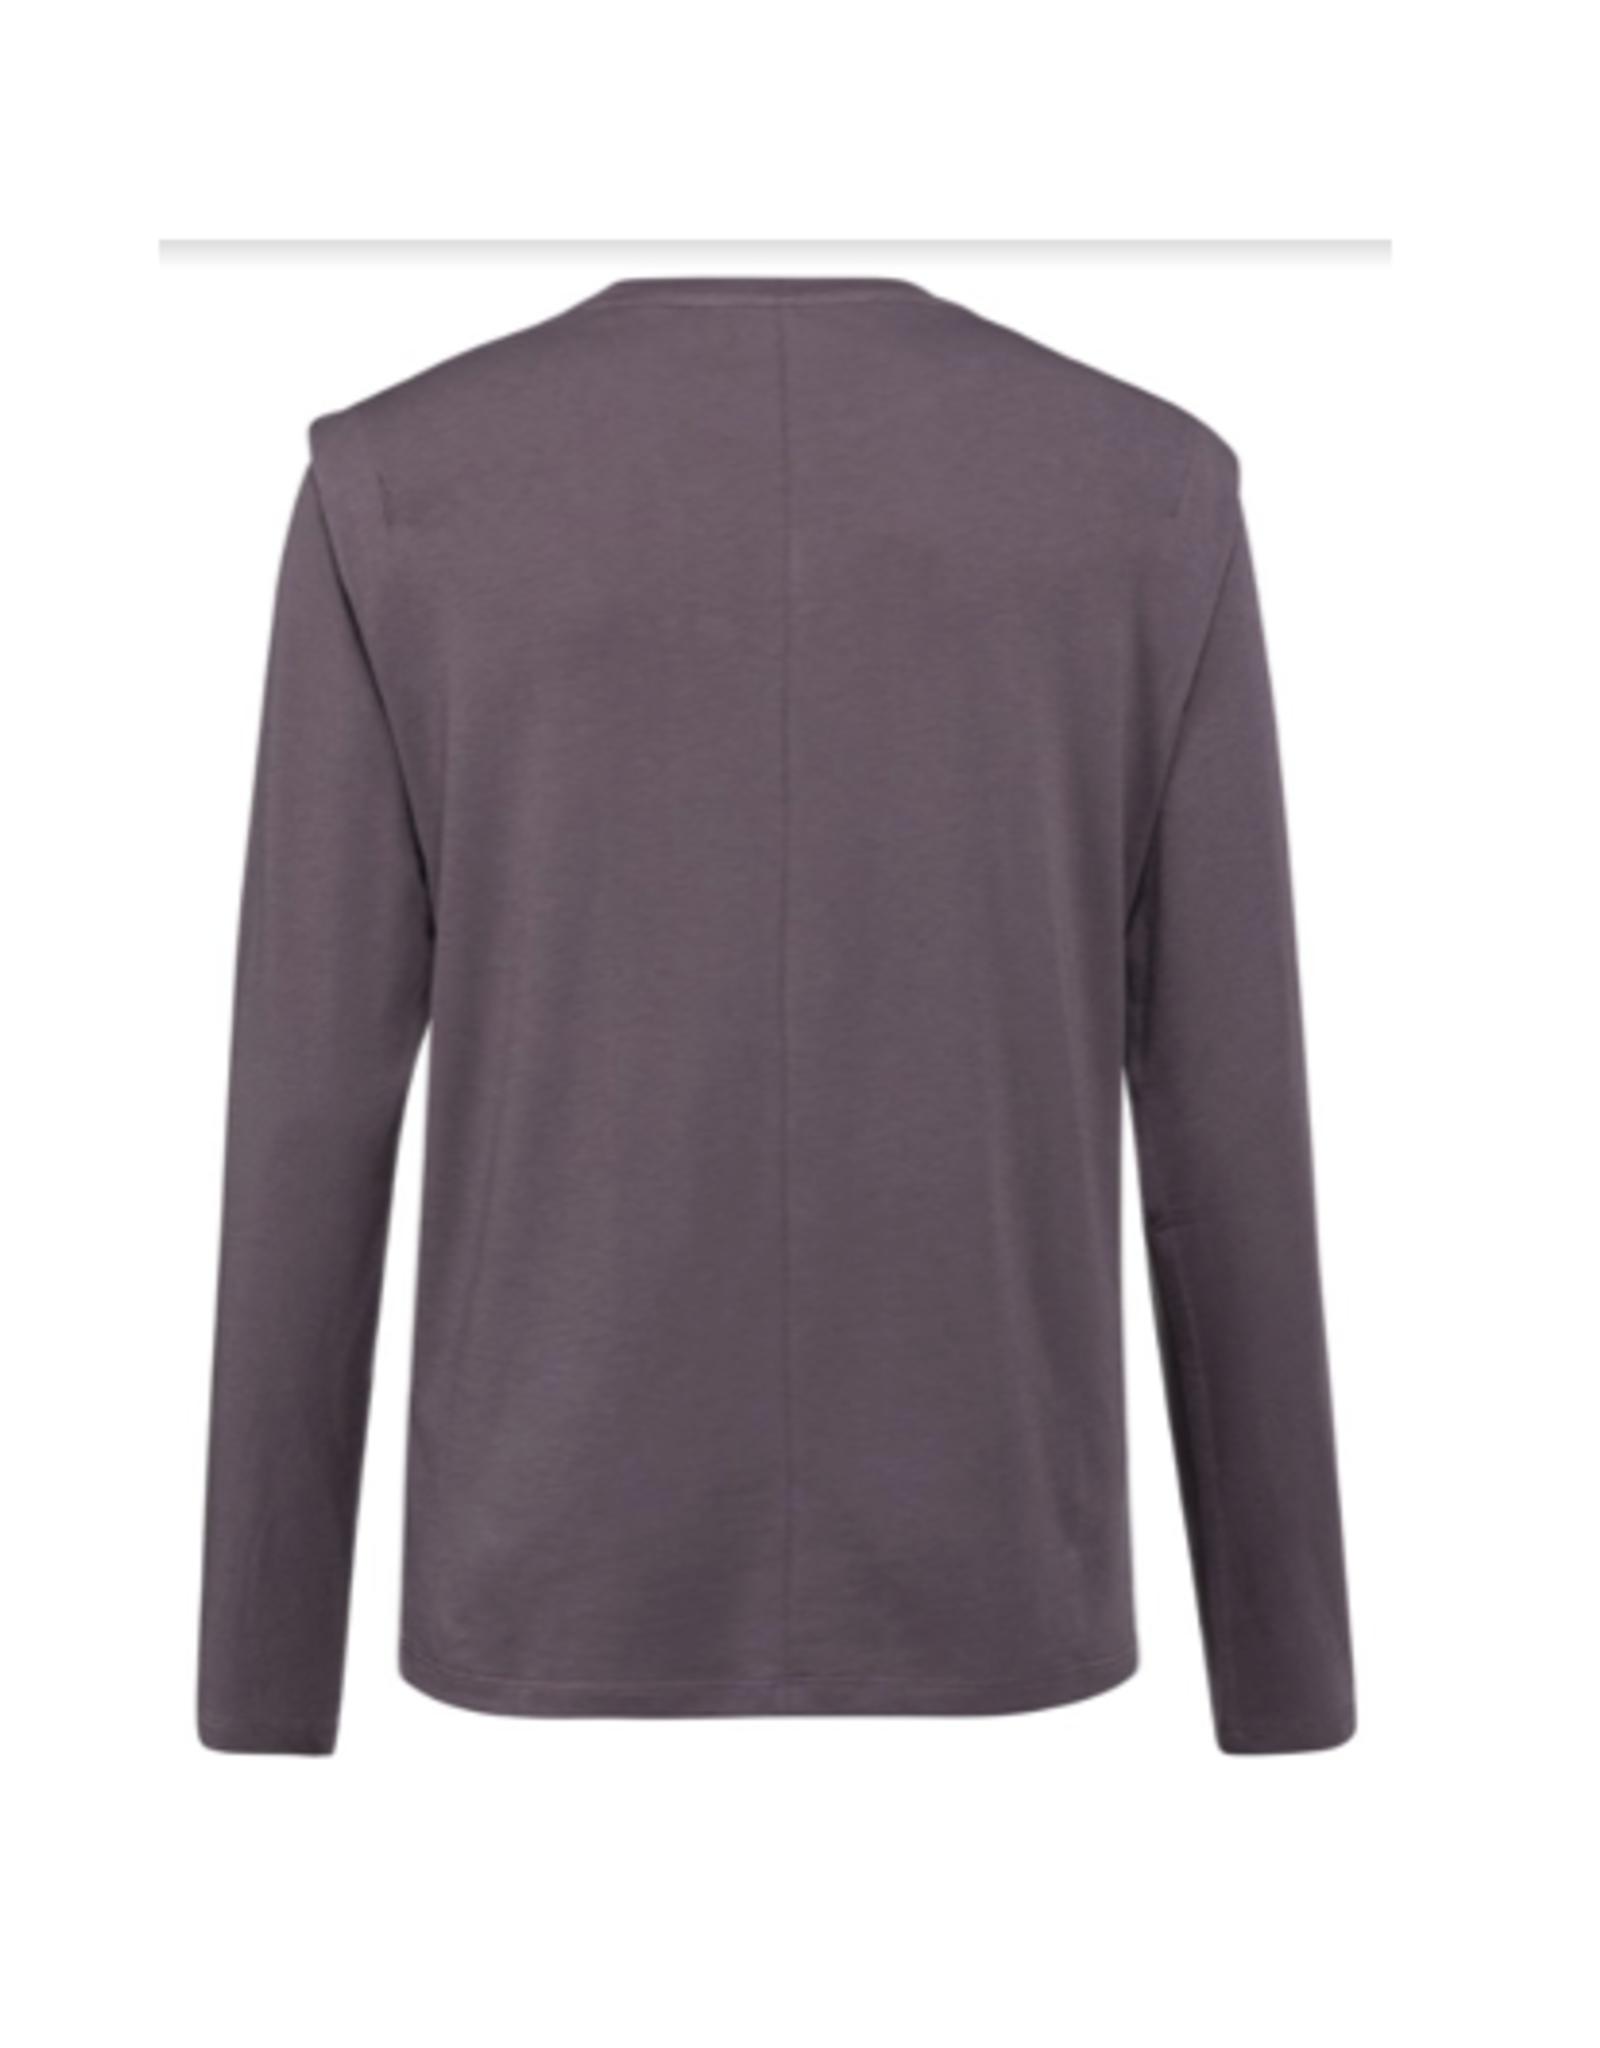 Yaya Yaya - 1909389 Long Sleeve Top